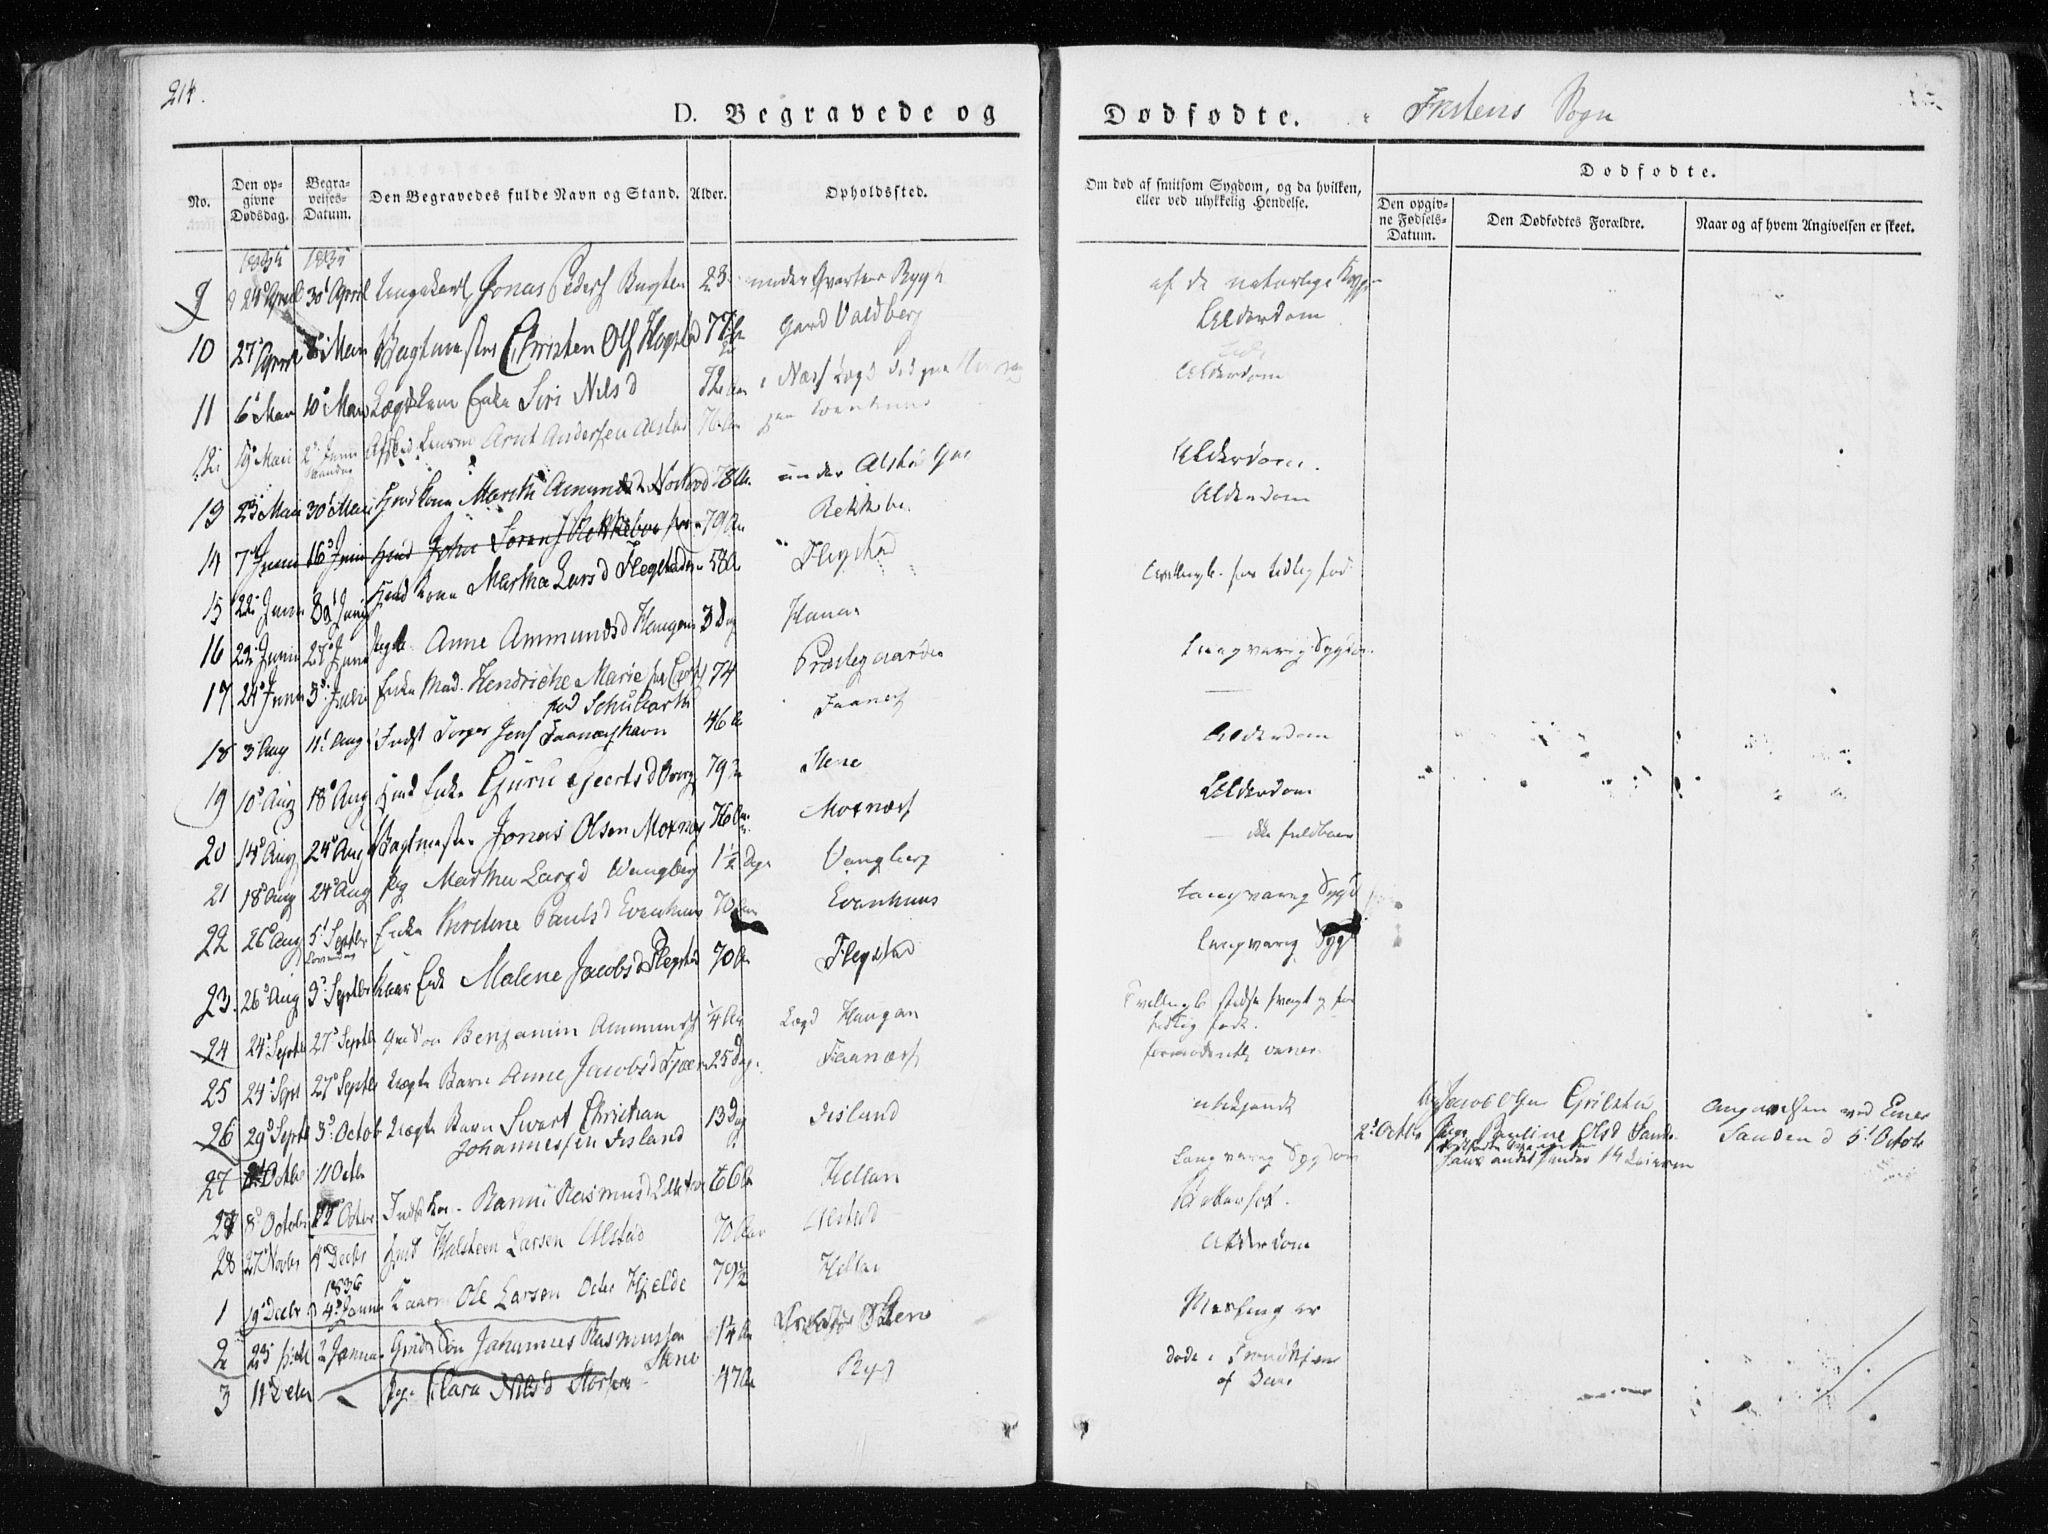 SAT, Ministerialprotokoller, klokkerbøker og fødselsregistre - Nord-Trøndelag, 713/L0114: Ministerialbok nr. 713A05, 1827-1839, s. 214